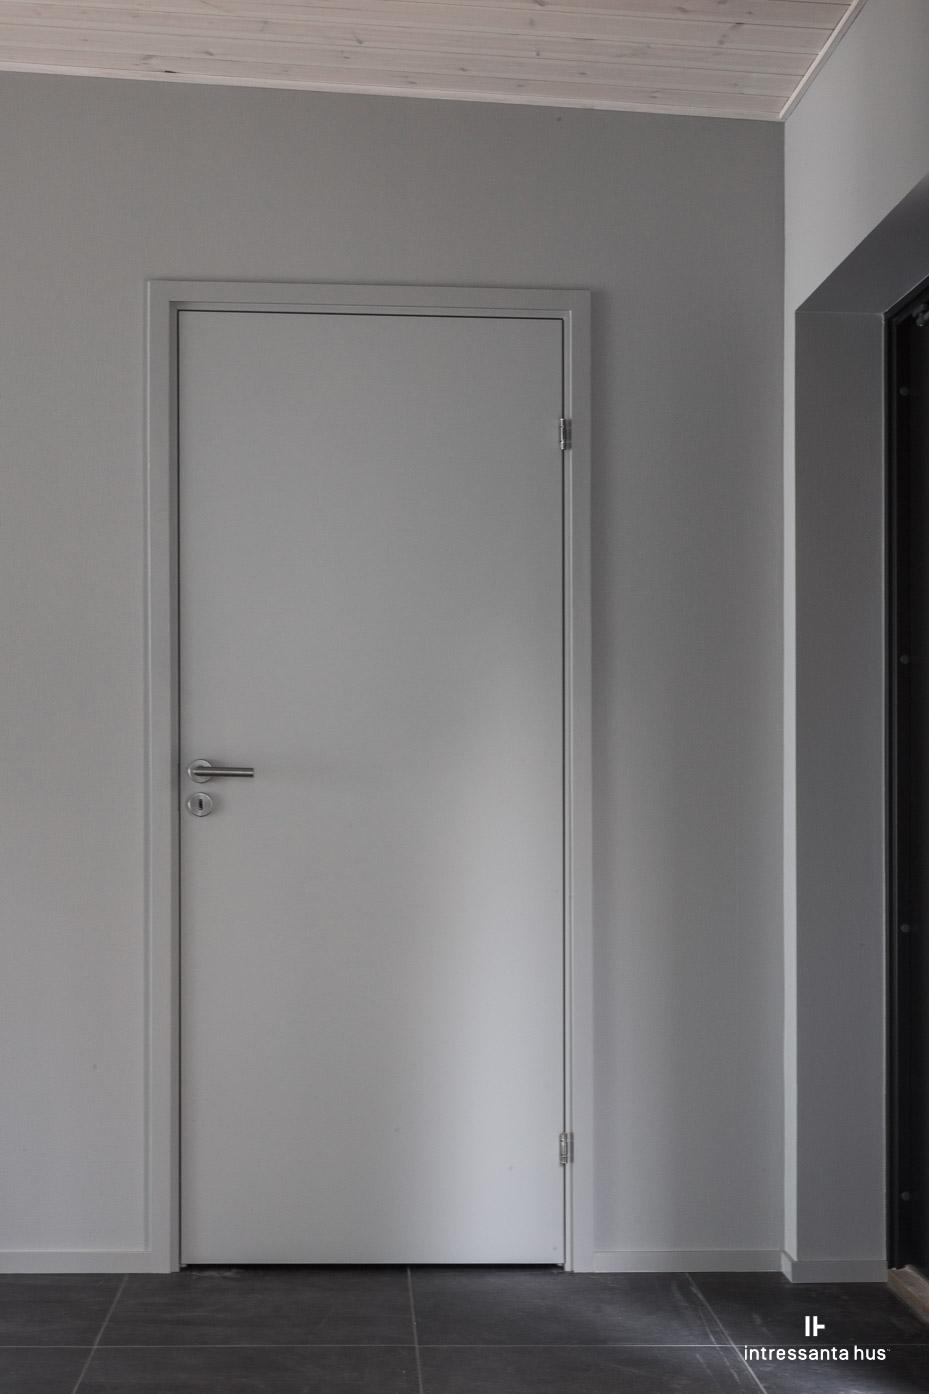 intressantahus-hedman-013